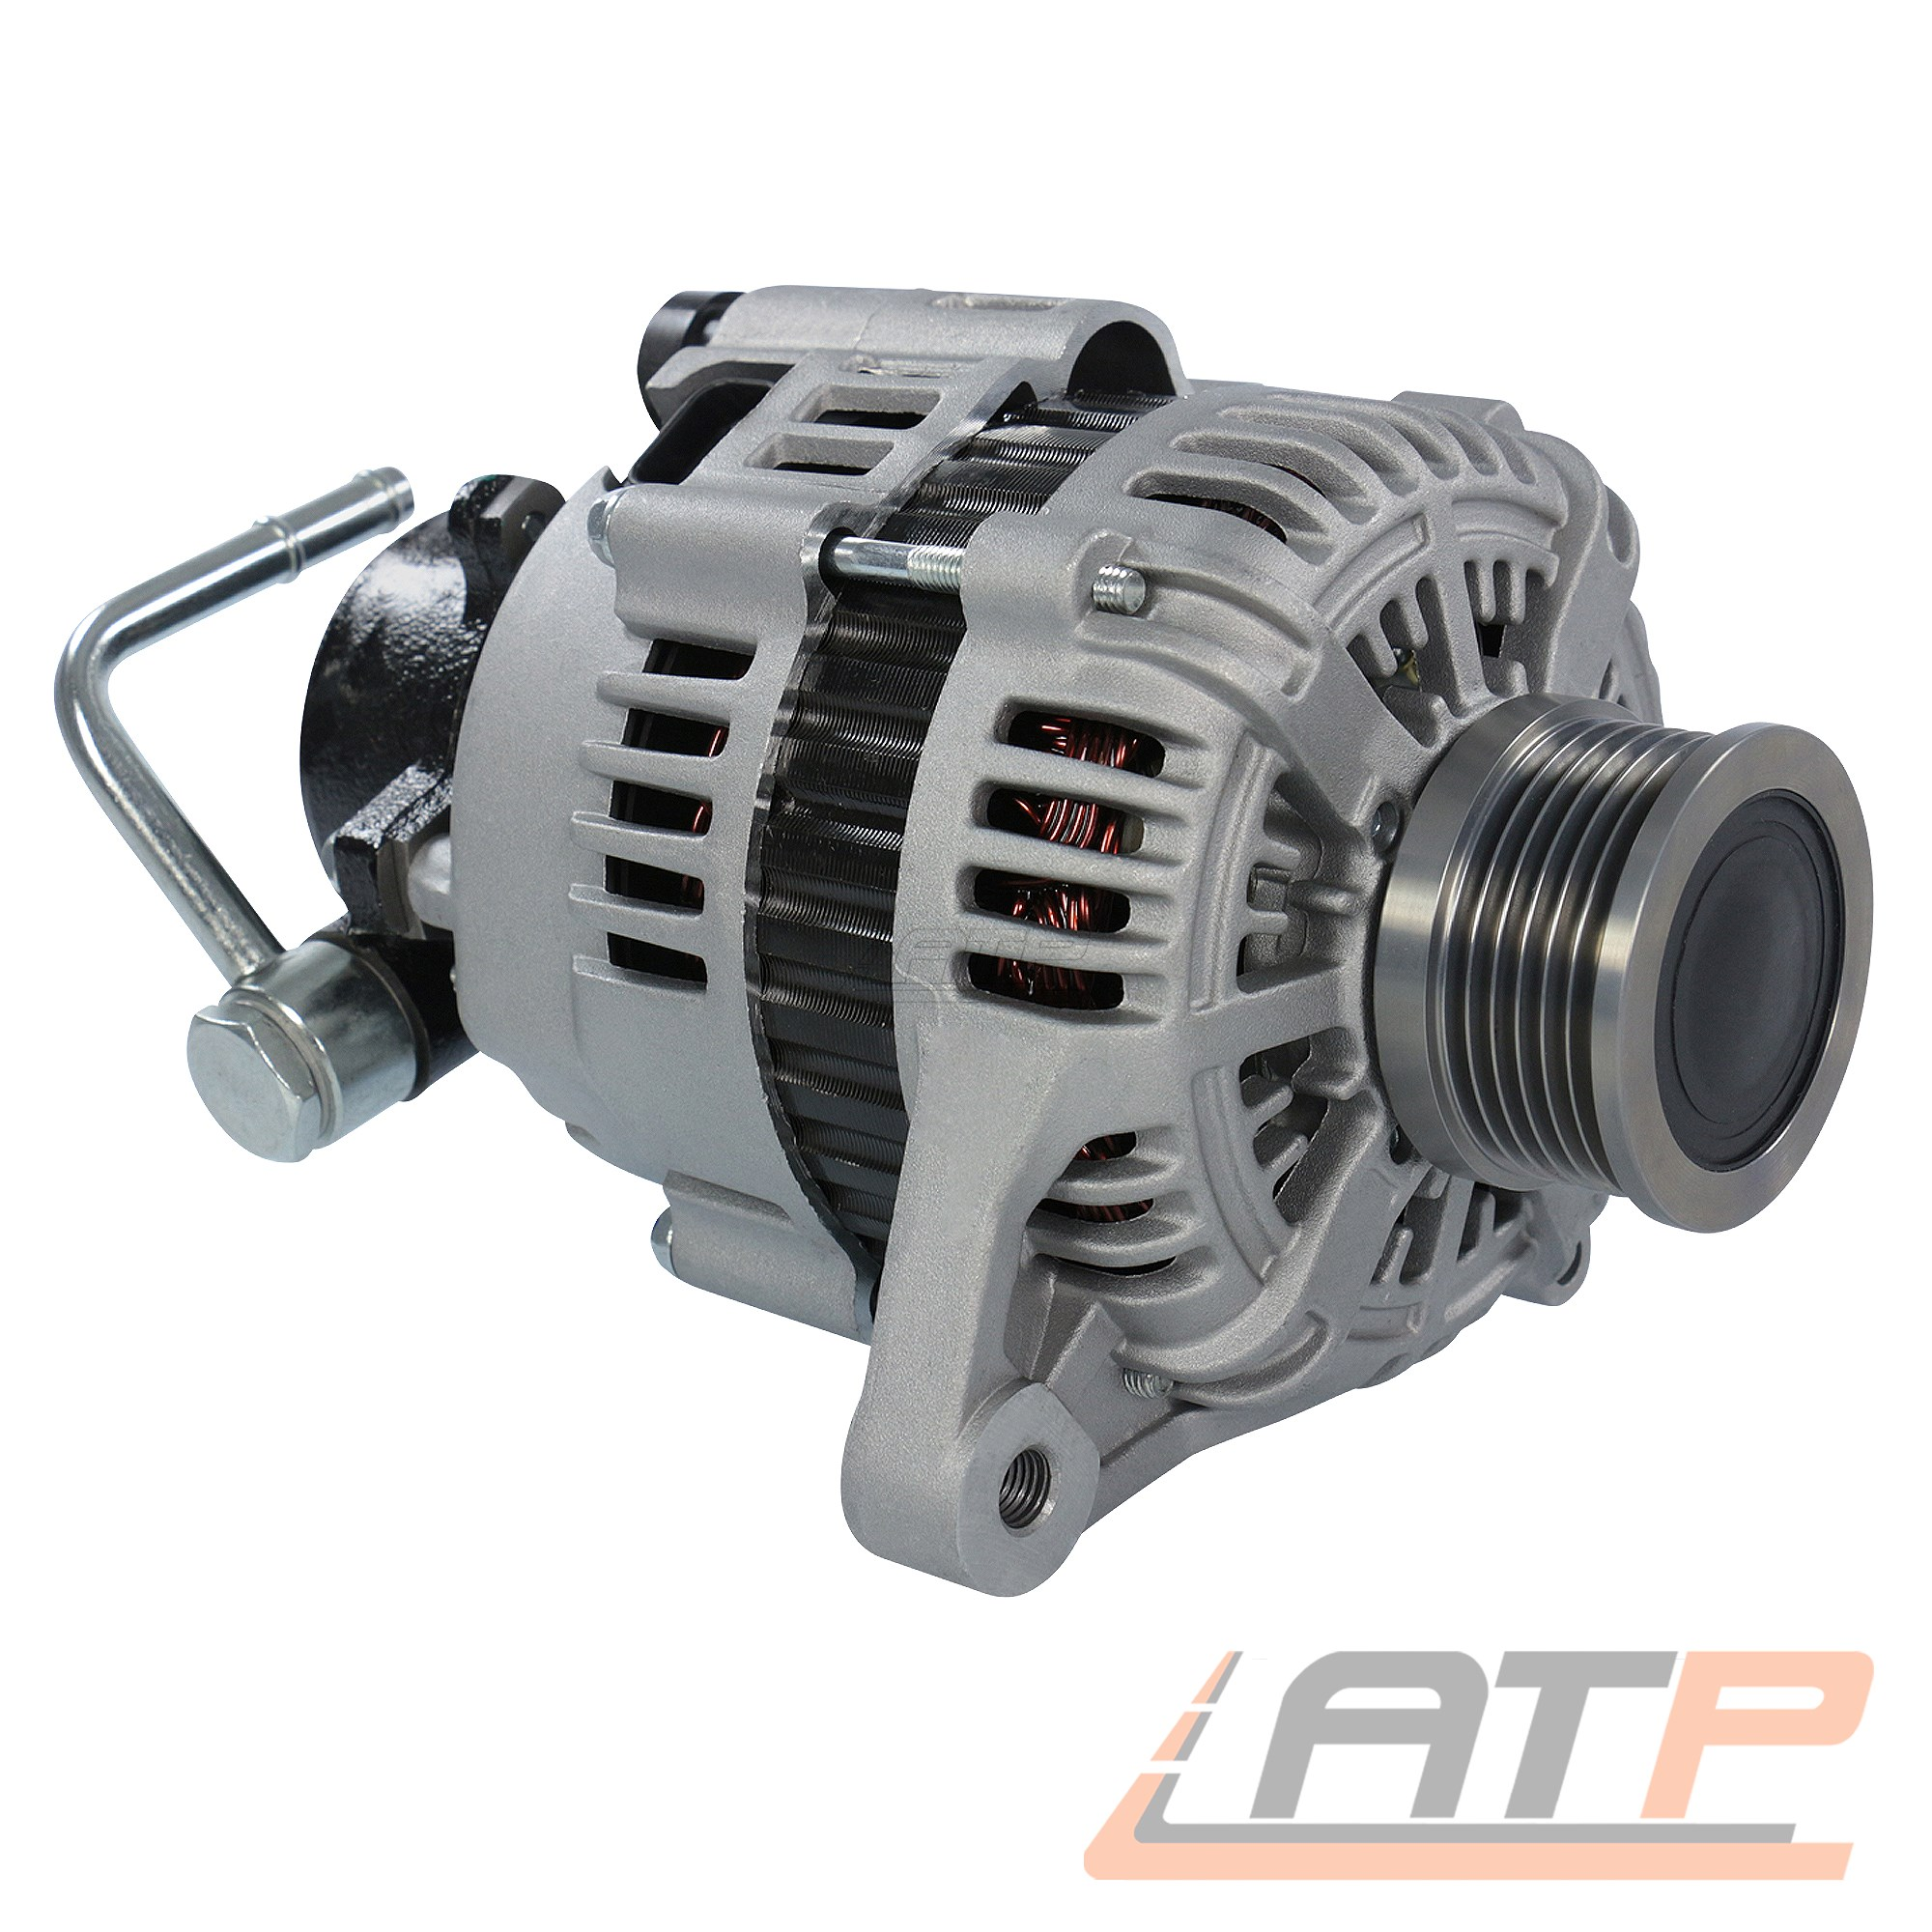 La dínamo generador 120 a hyundai Elantra XD 2.0 crdi a partir de 01